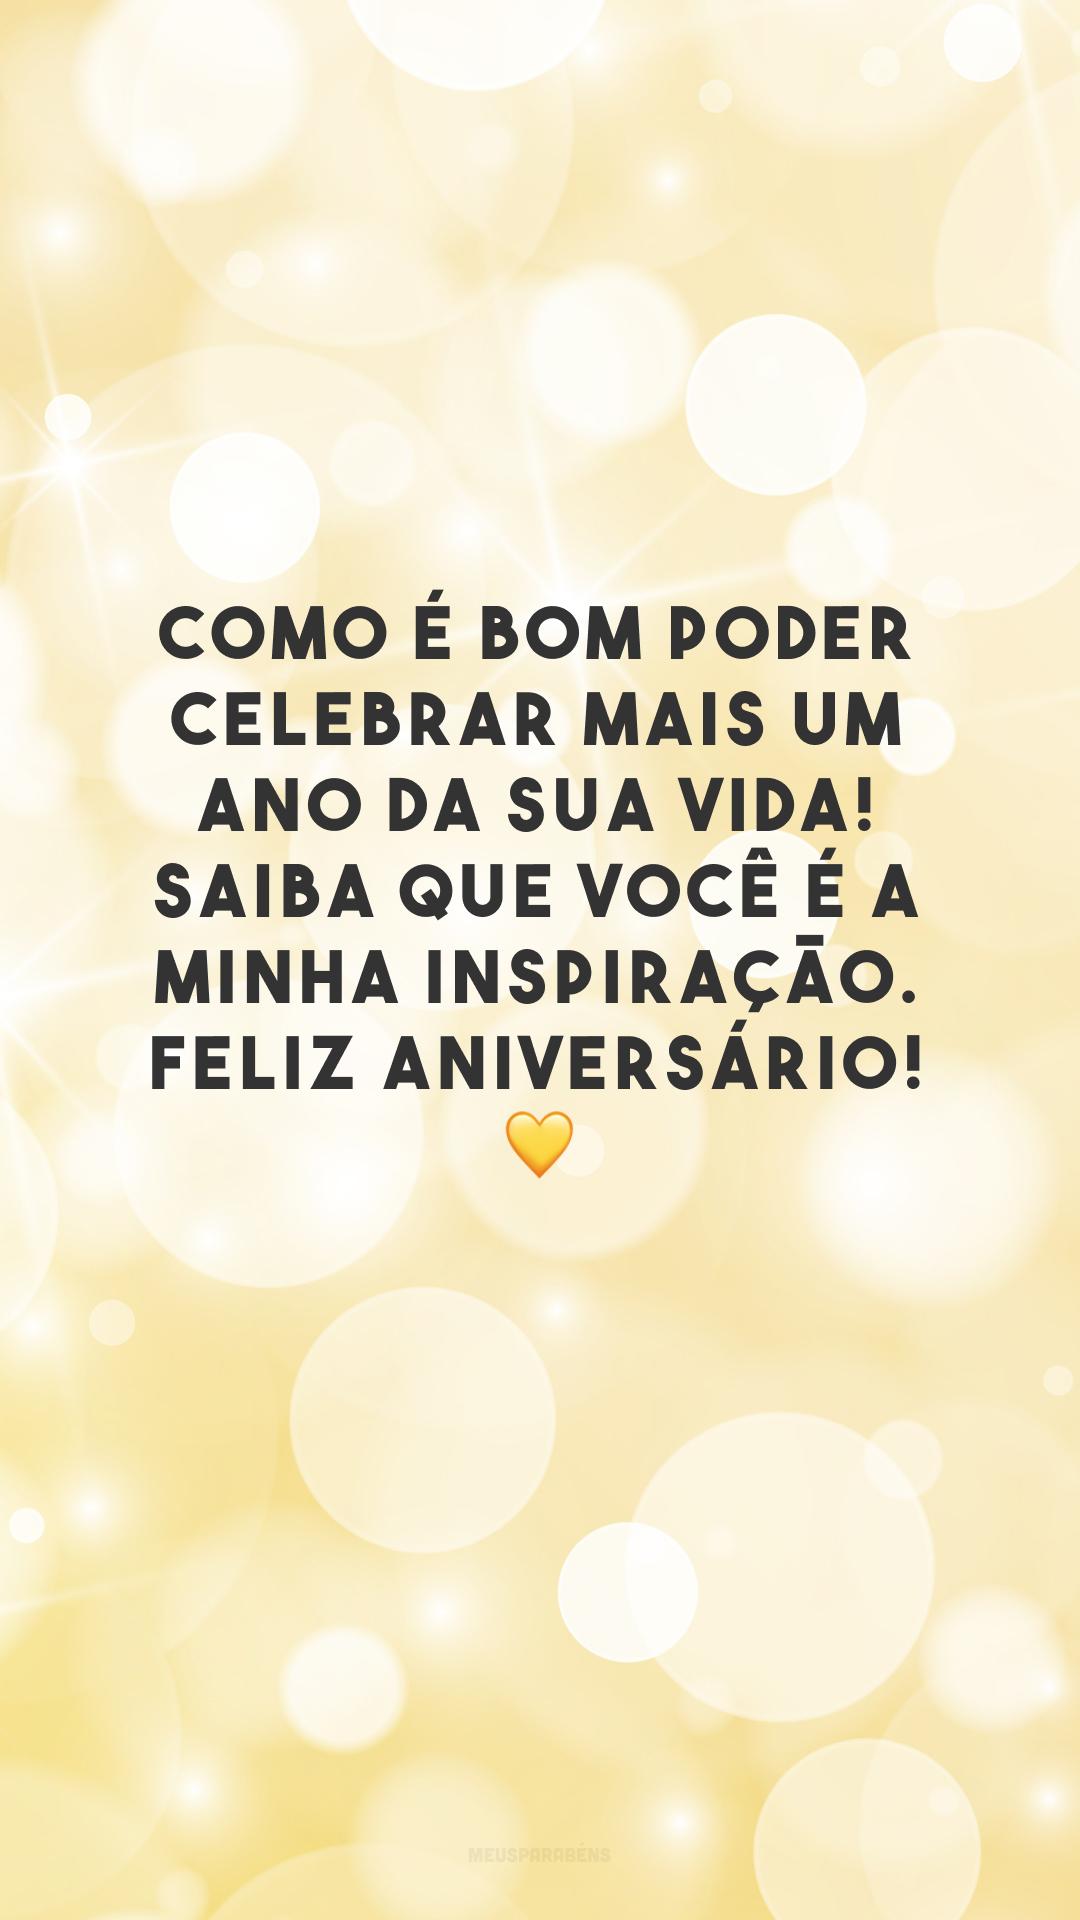 Como é bom poder celebrar mais um ano da sua vida! Saiba que você é a minha inspiração. Feliz aniversário! 💛